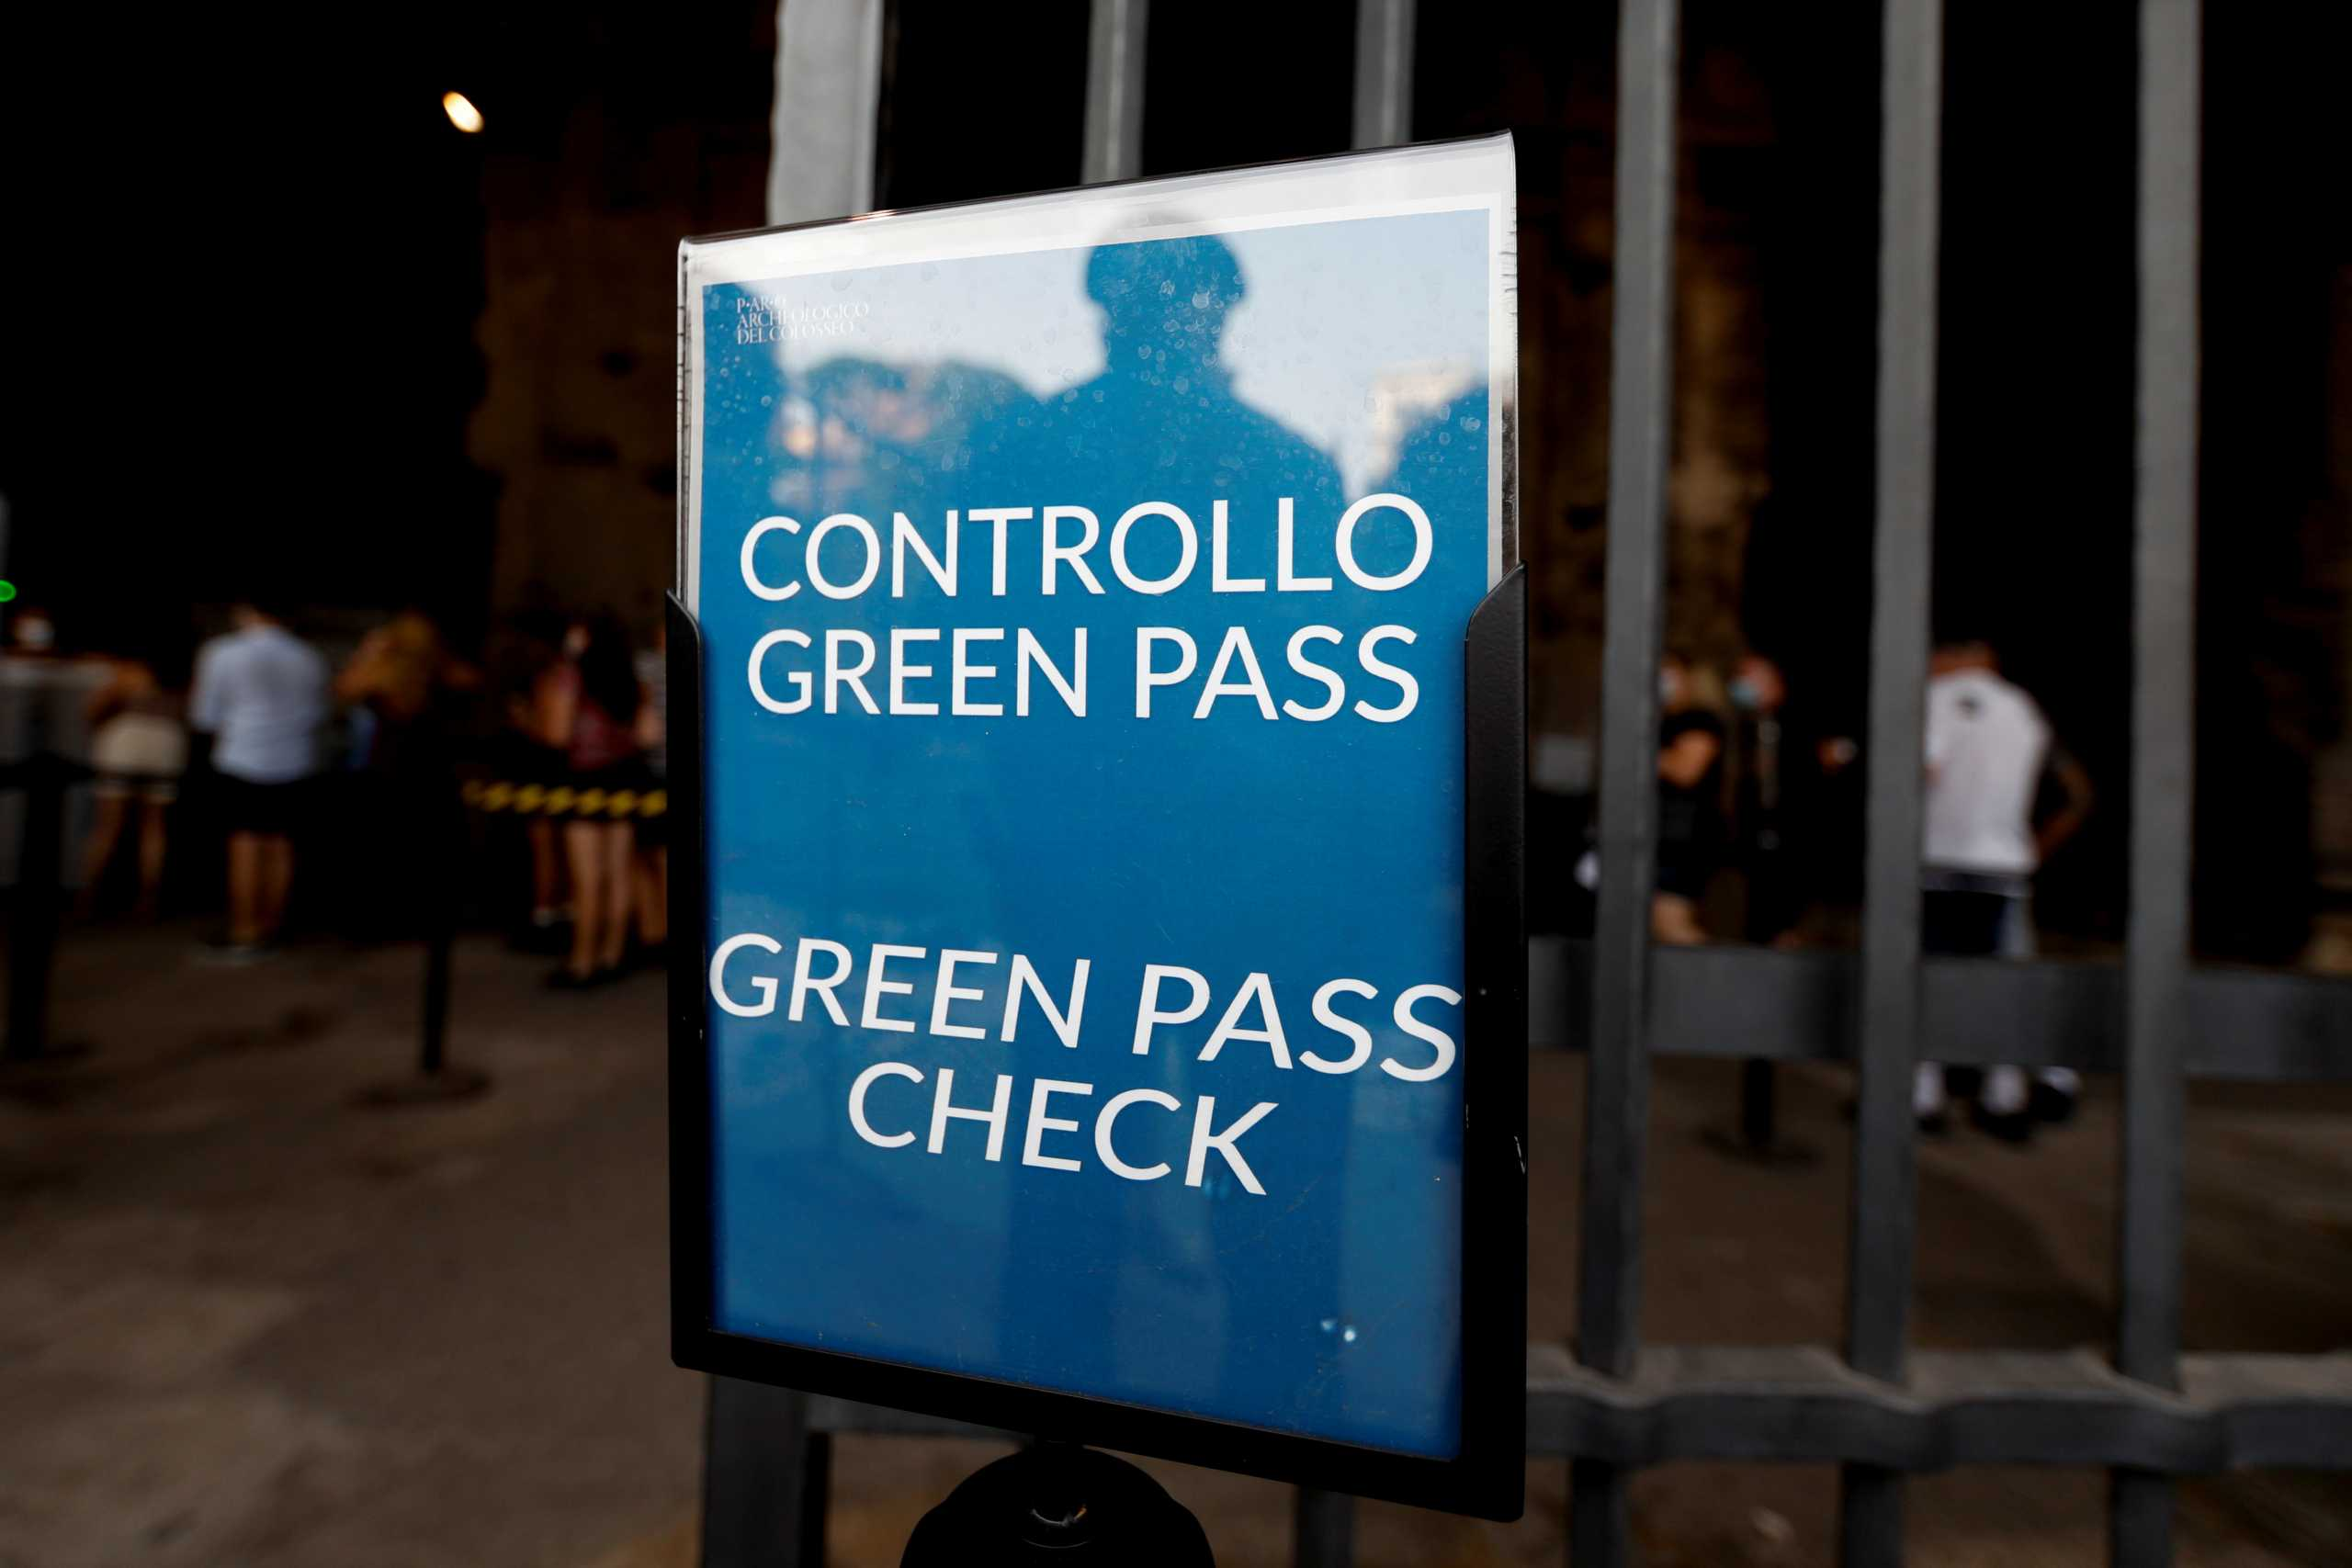 Κορονοϊός - Ιταλία: Ανοίγουν ντίσκο και κλαμπ αλλά με μειωμένη πληρότητα